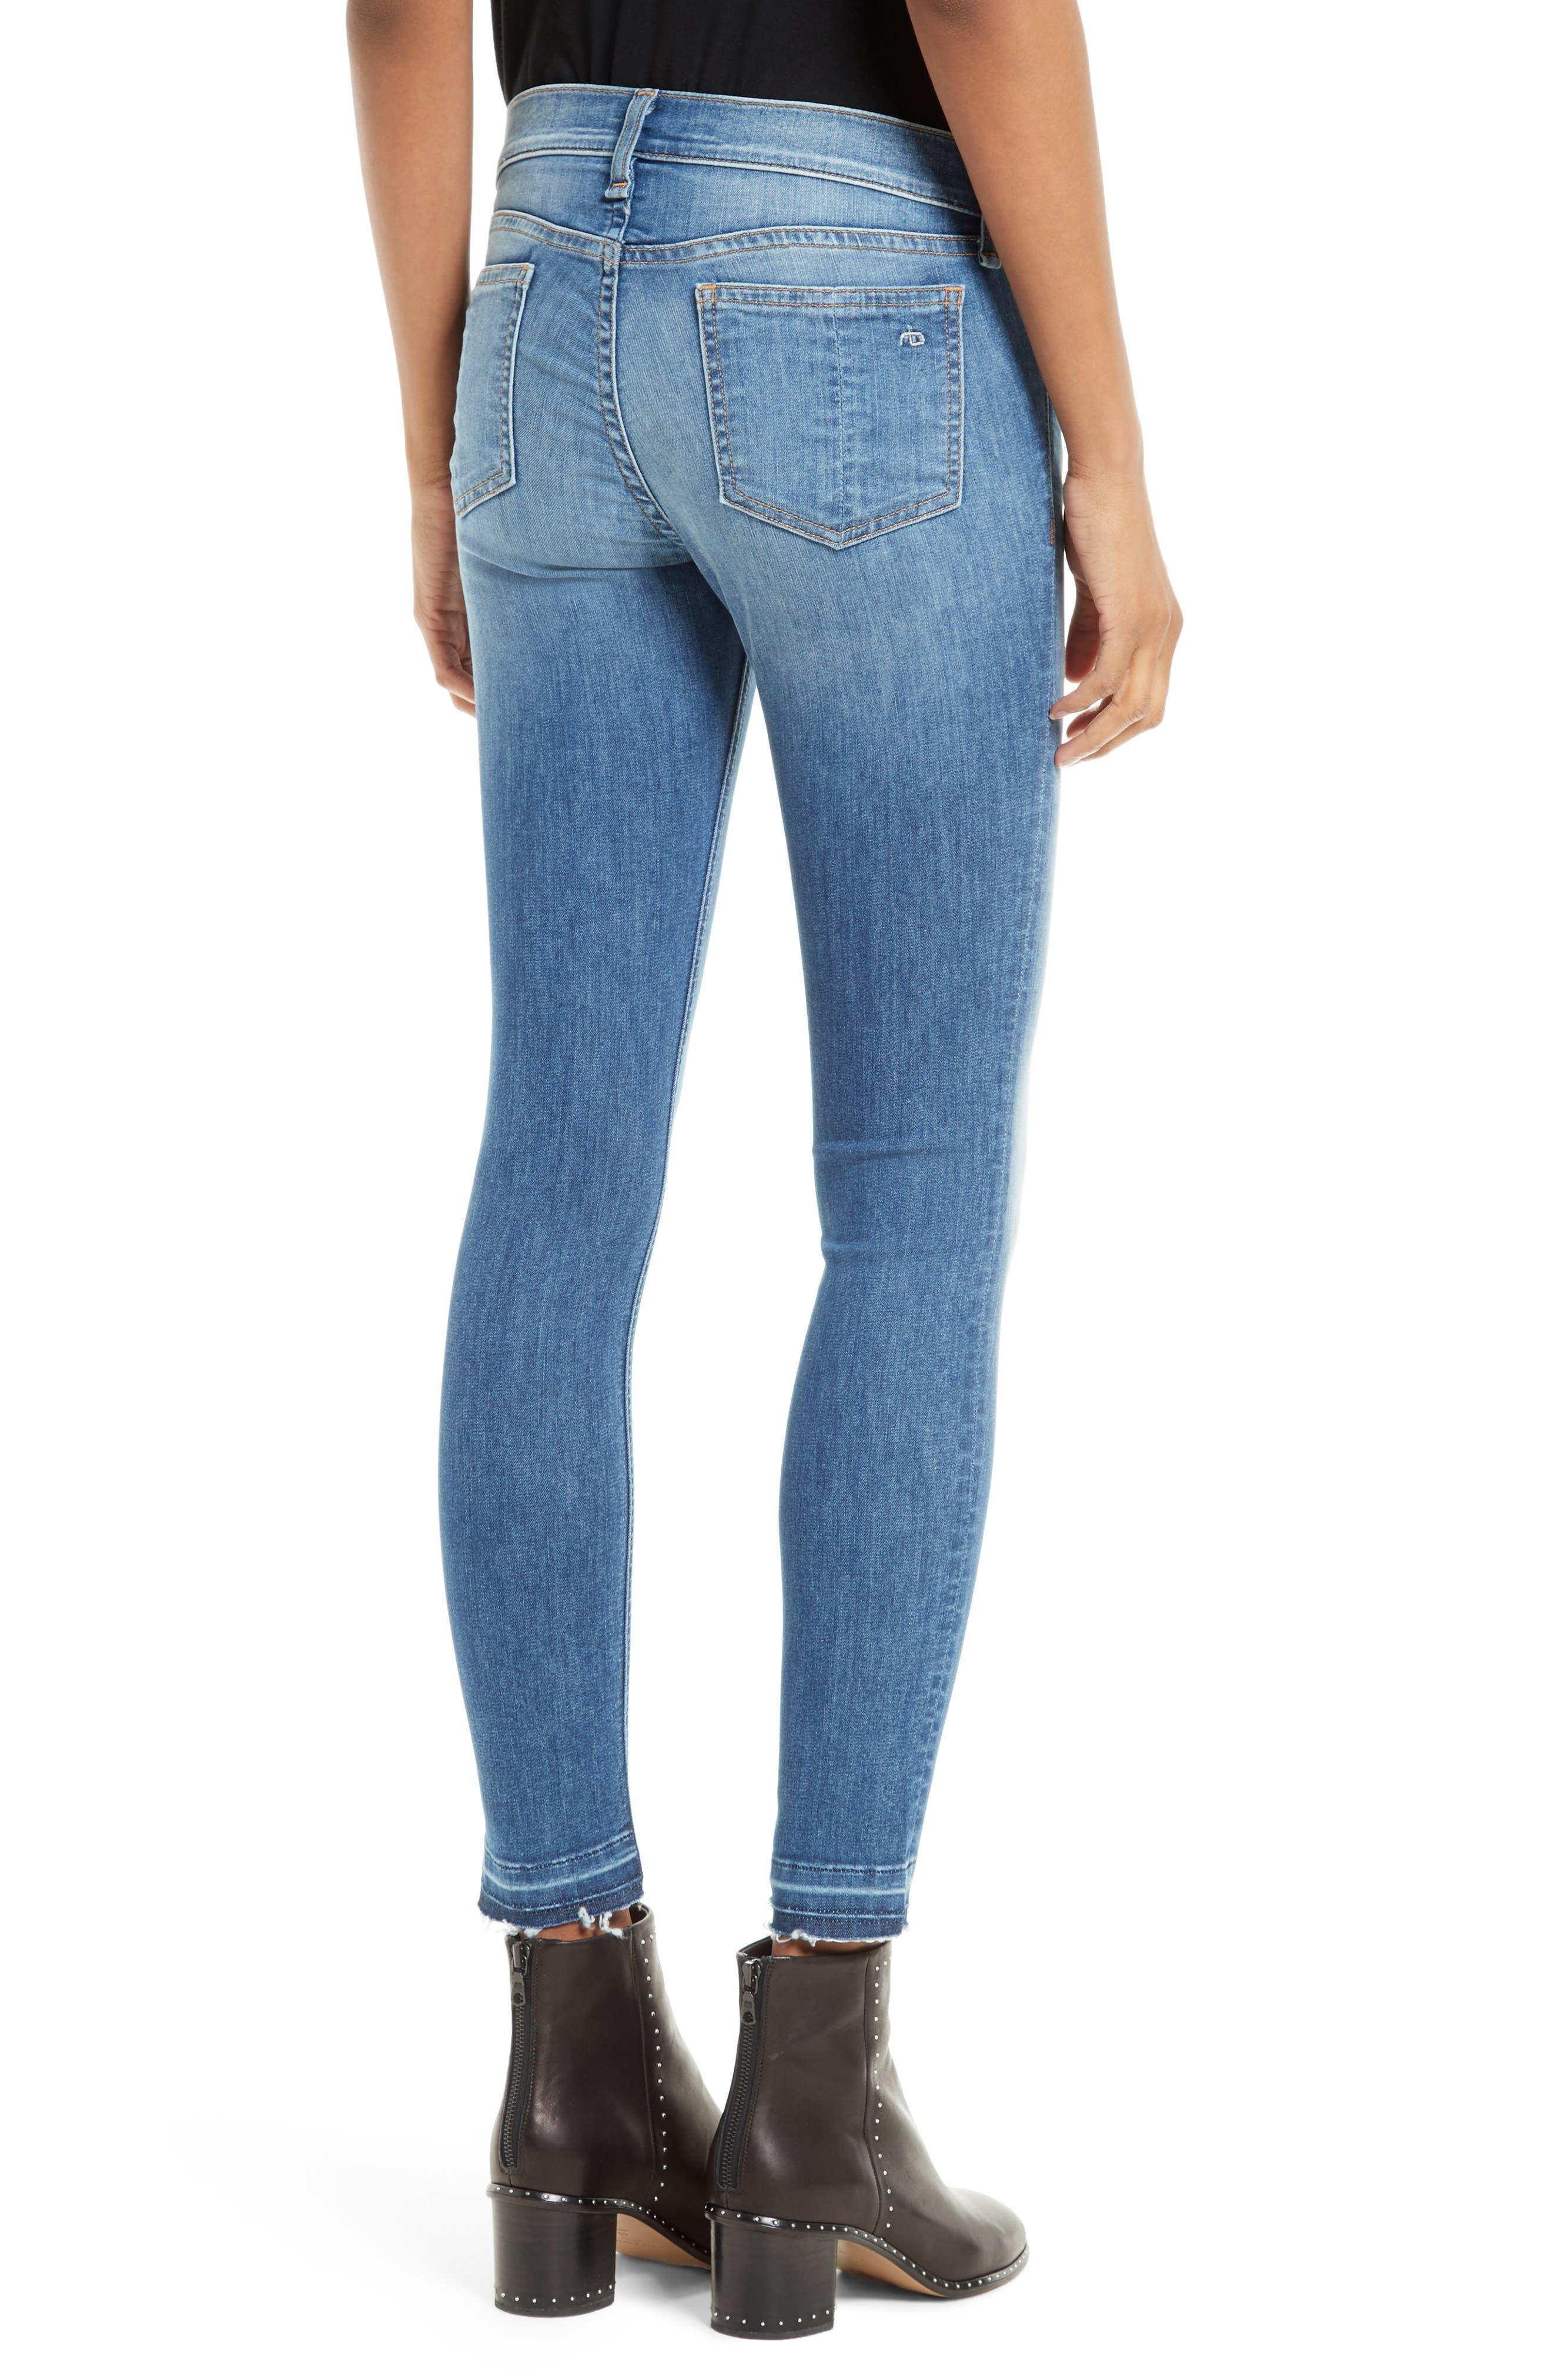 Alternate Image 2  - rag & bone/JEAN Capri Skinny Jeans (Clean Lilly Dale)